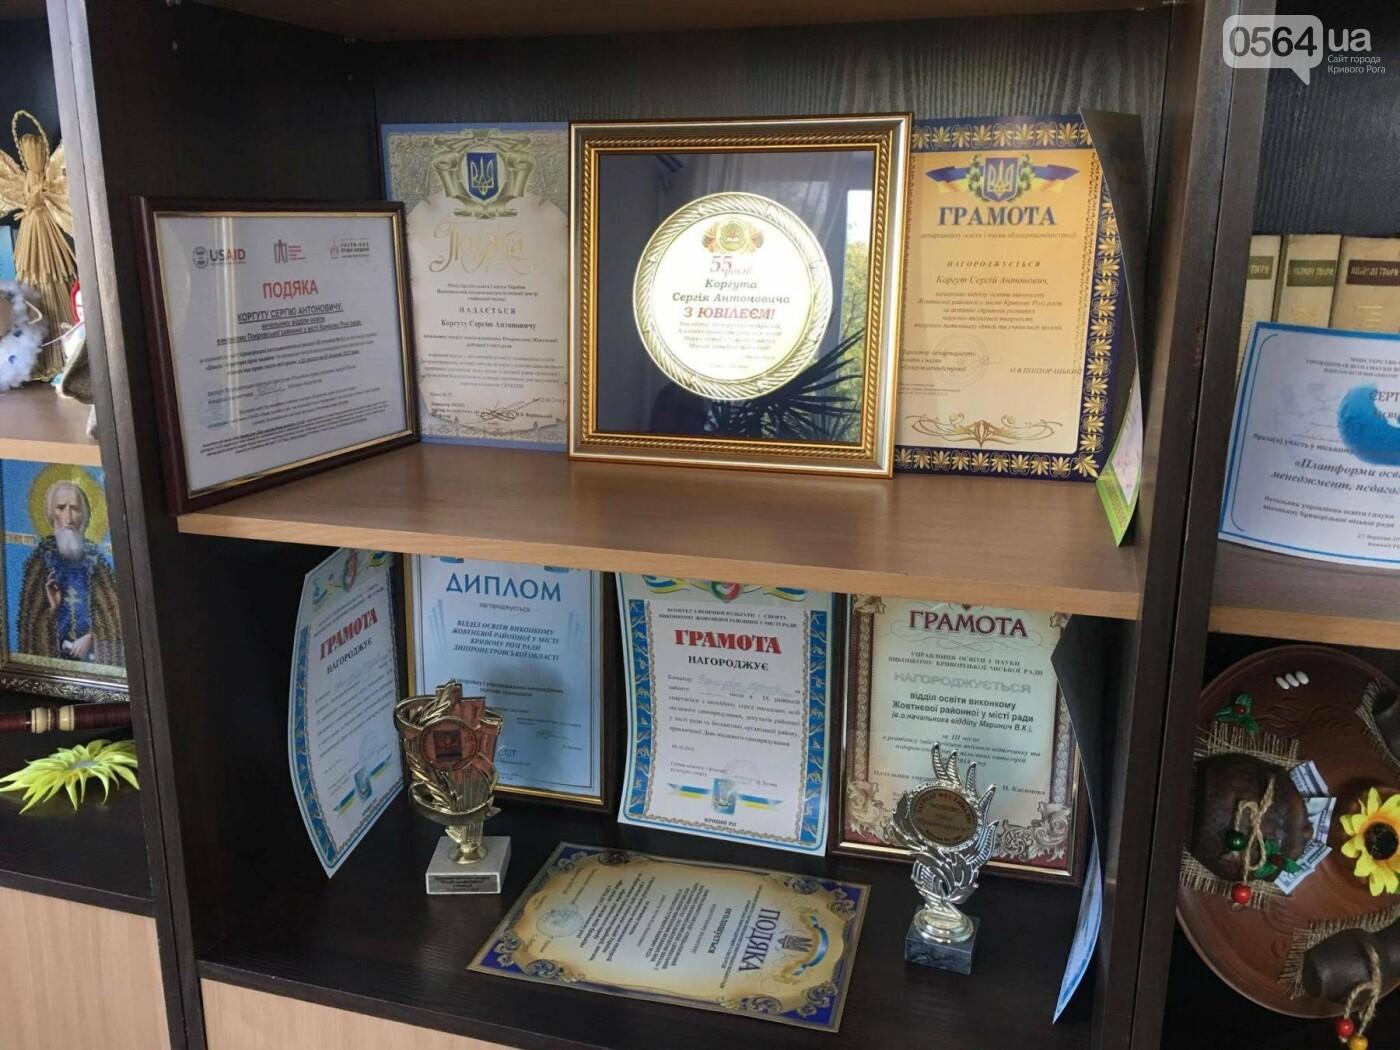 Фирма, кормившая криворожских школьников некачественным творогом, имела сертификаты (ФОТО), фото-8